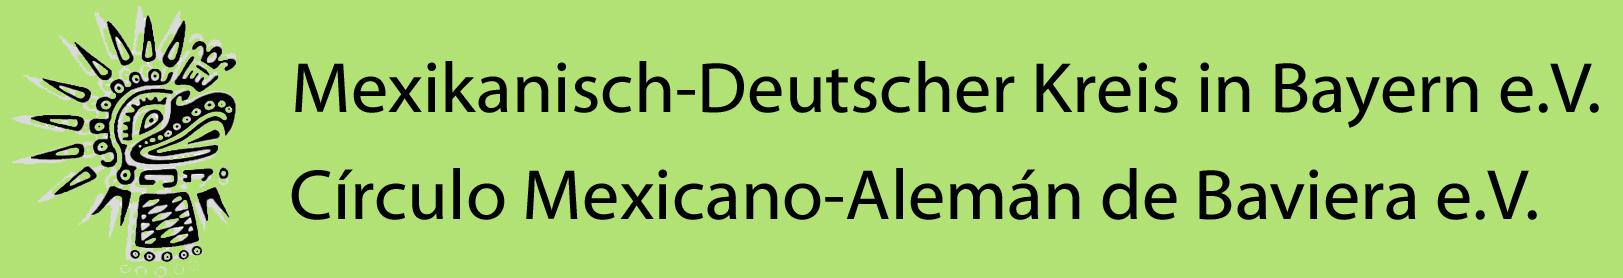 Círculo Mexicano-Alemán de Baviera